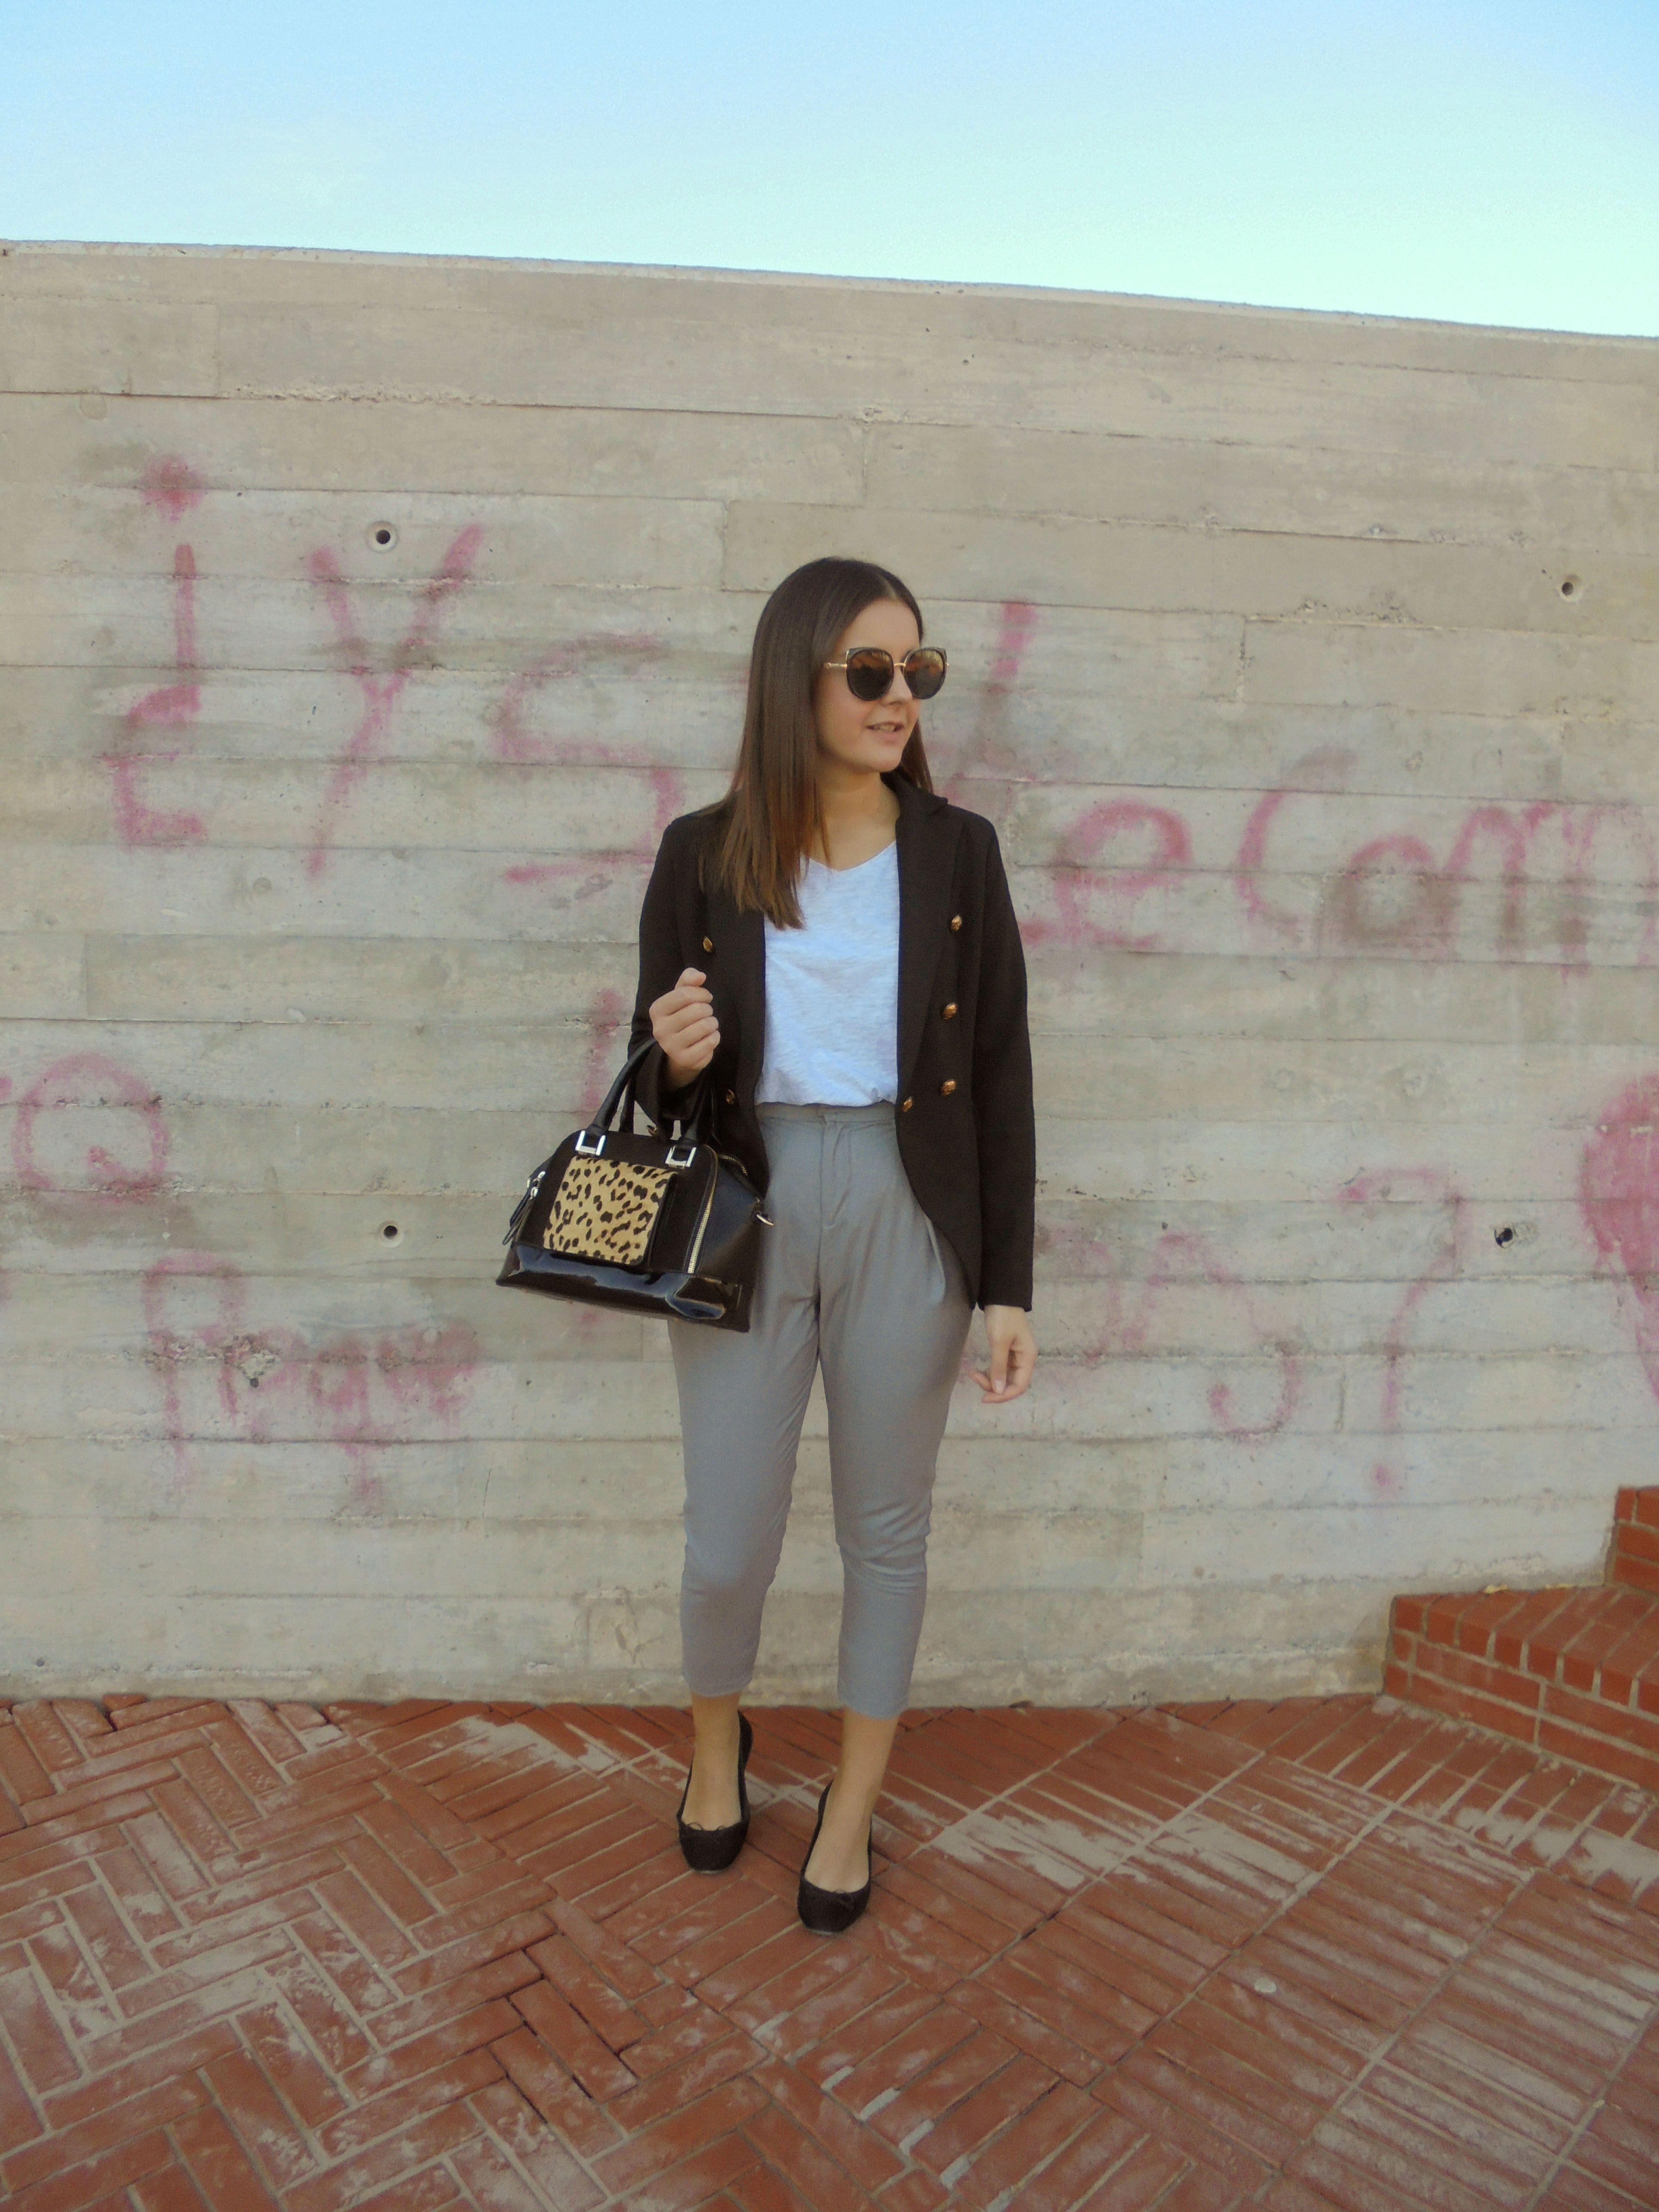 GREY PANTS - Temporada: Primavera-Verano - Descripción: http://zaracabanyes.blogspot.com.es/2017/10/grey-pants-by-zaful-look-321.html #FashionOlé